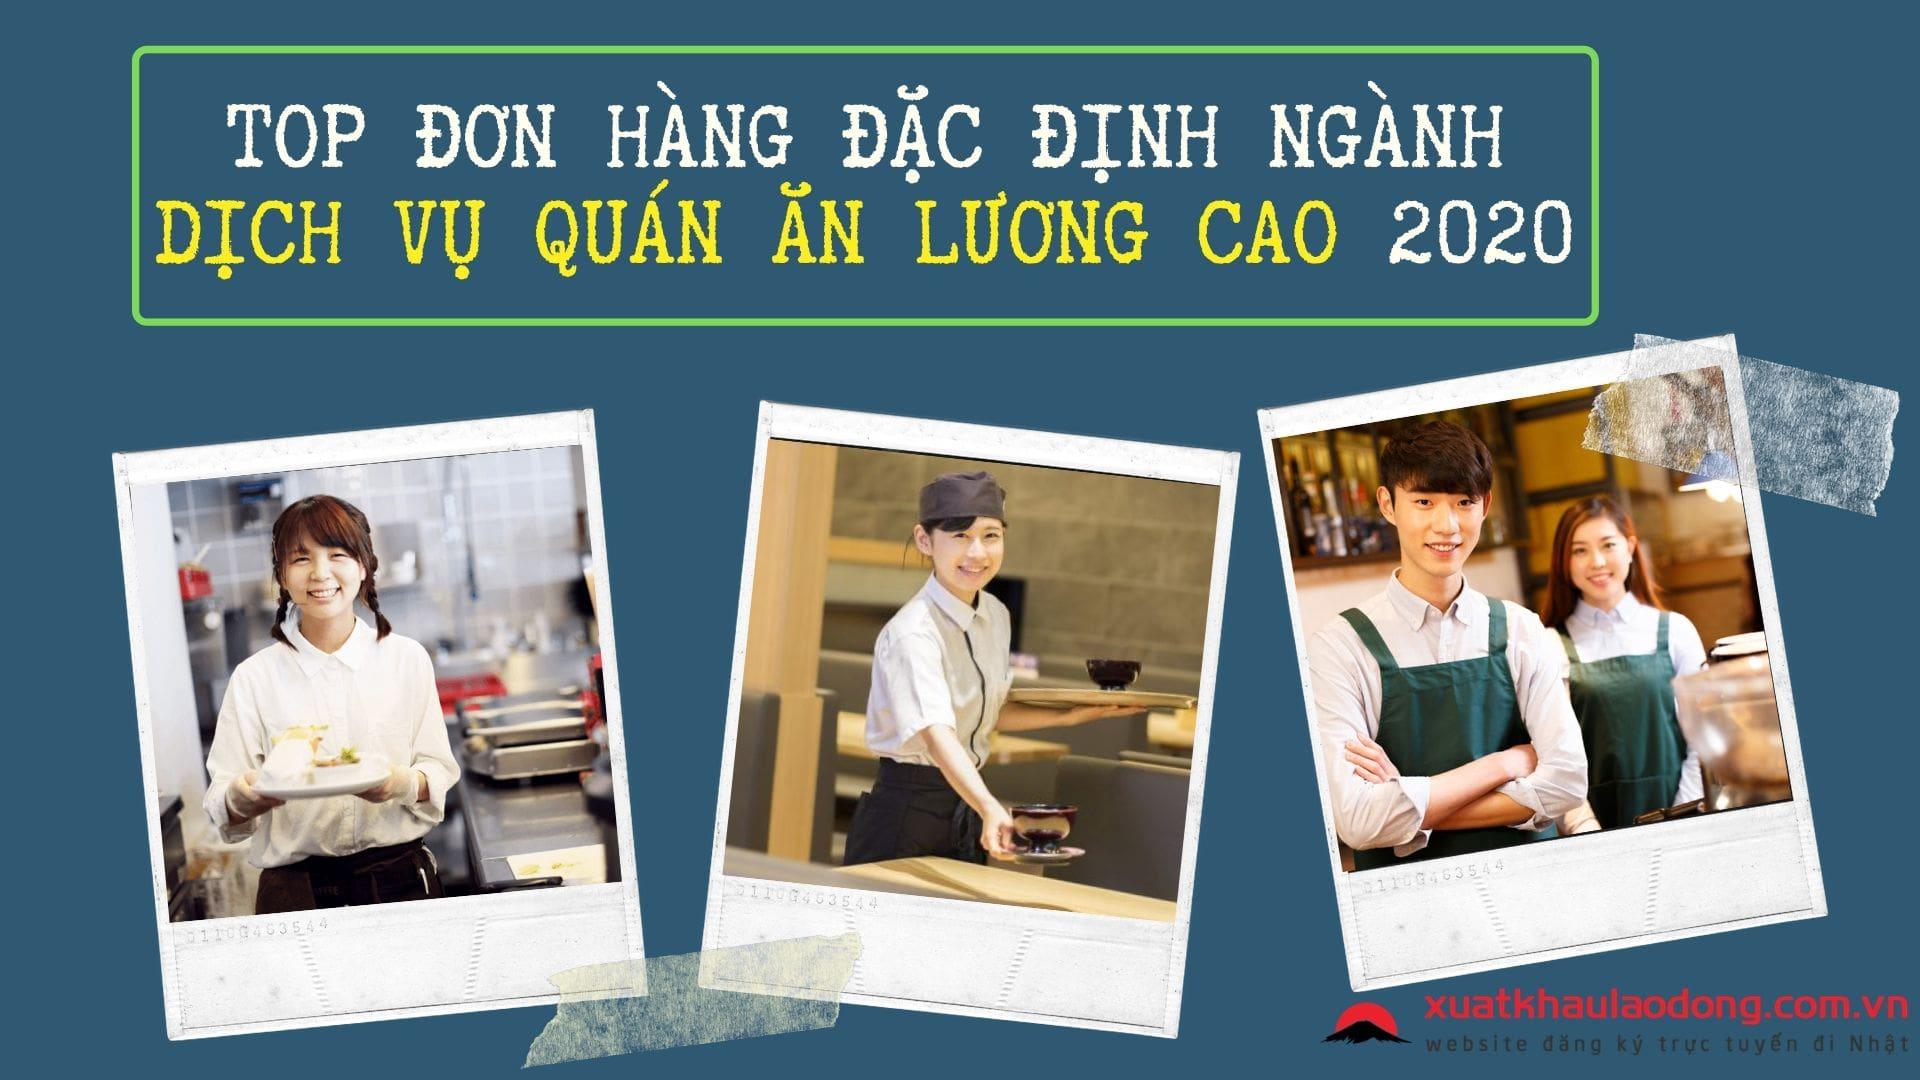 TOP đơn hàng đặc định ngành dịch vụ ăn uống, nhà hàng LƯƠNG CAO NHẤT 2021